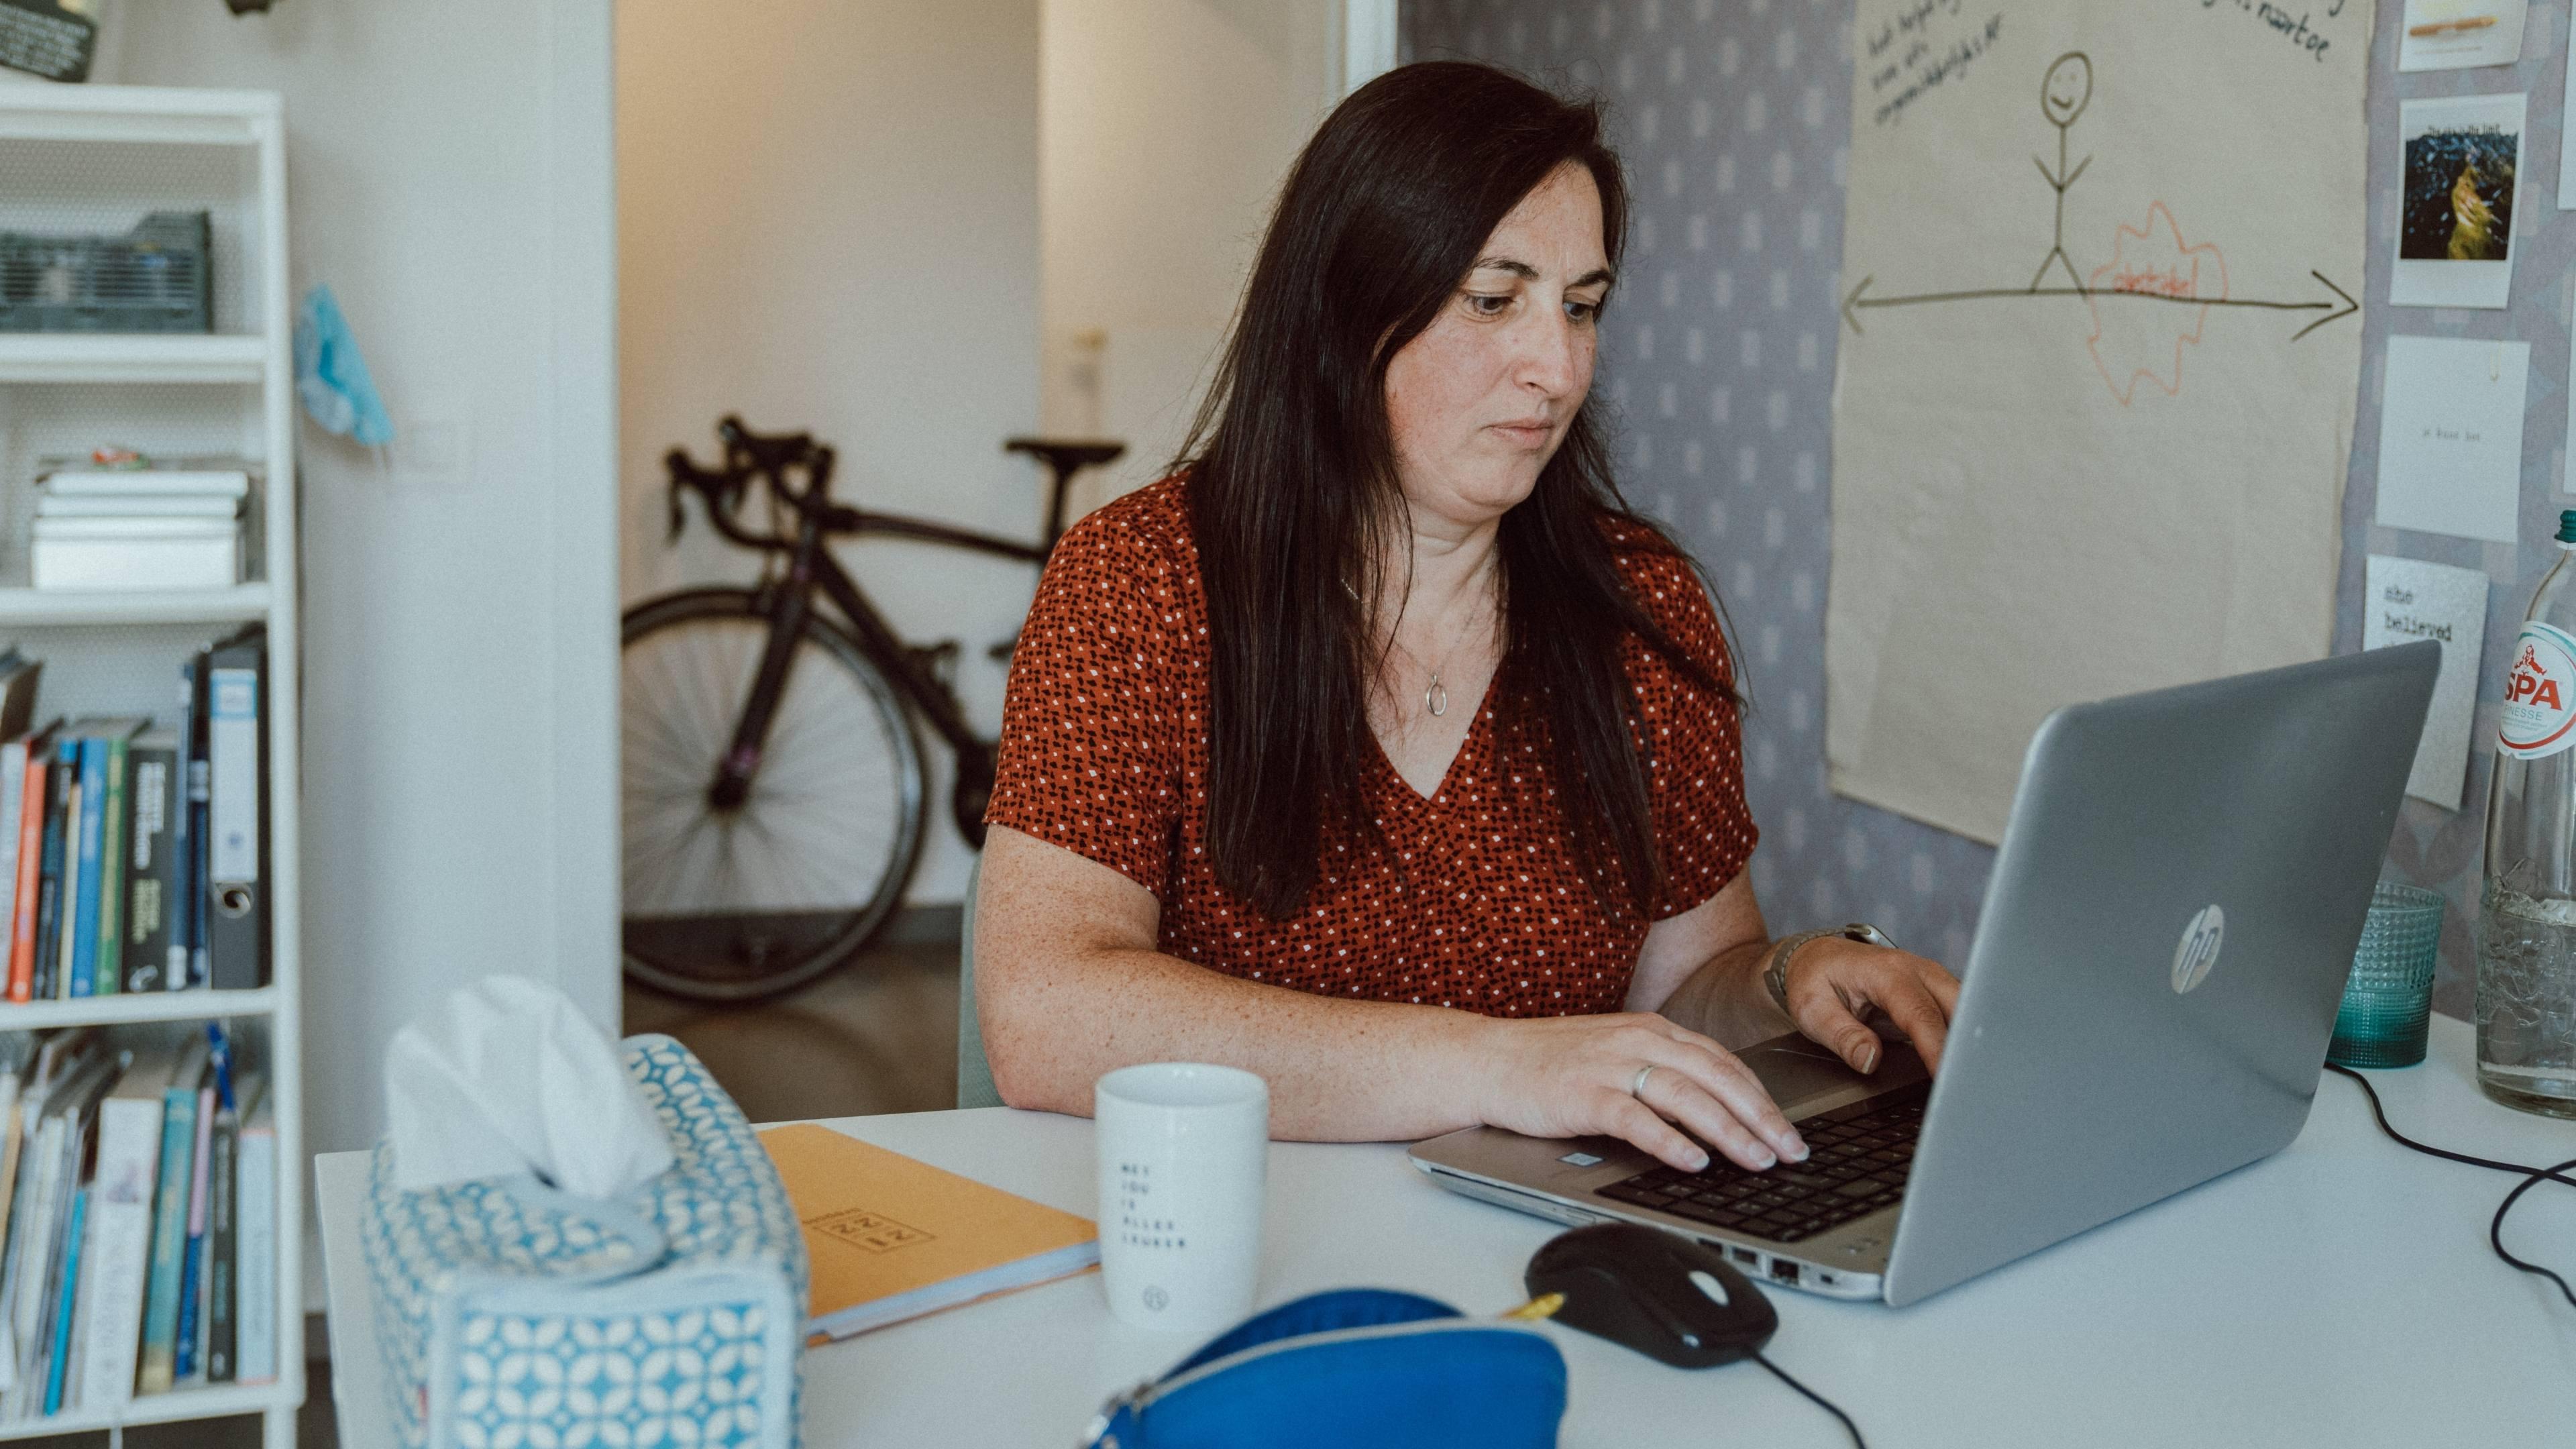 Vrouw die zit te werken en fiets op de achtergrond